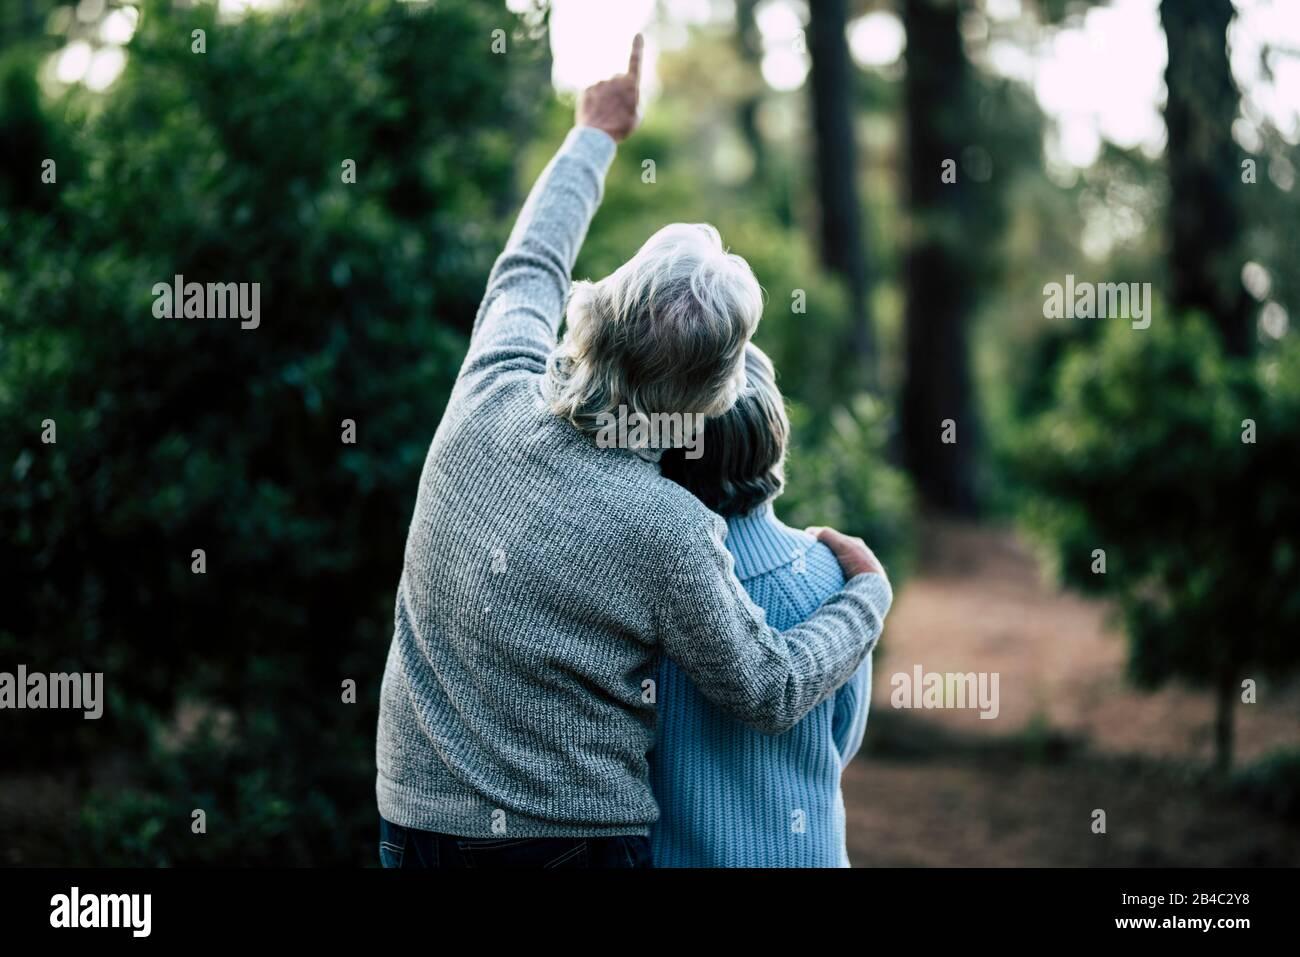 Coppia di anziani maturi abbracciano e godono l'attività di svago all'aperto insieme nella foresta - alberi verdi sullo sfondo - uomo irriconoscibile e donna per anziani sano ilstile Foto Stock